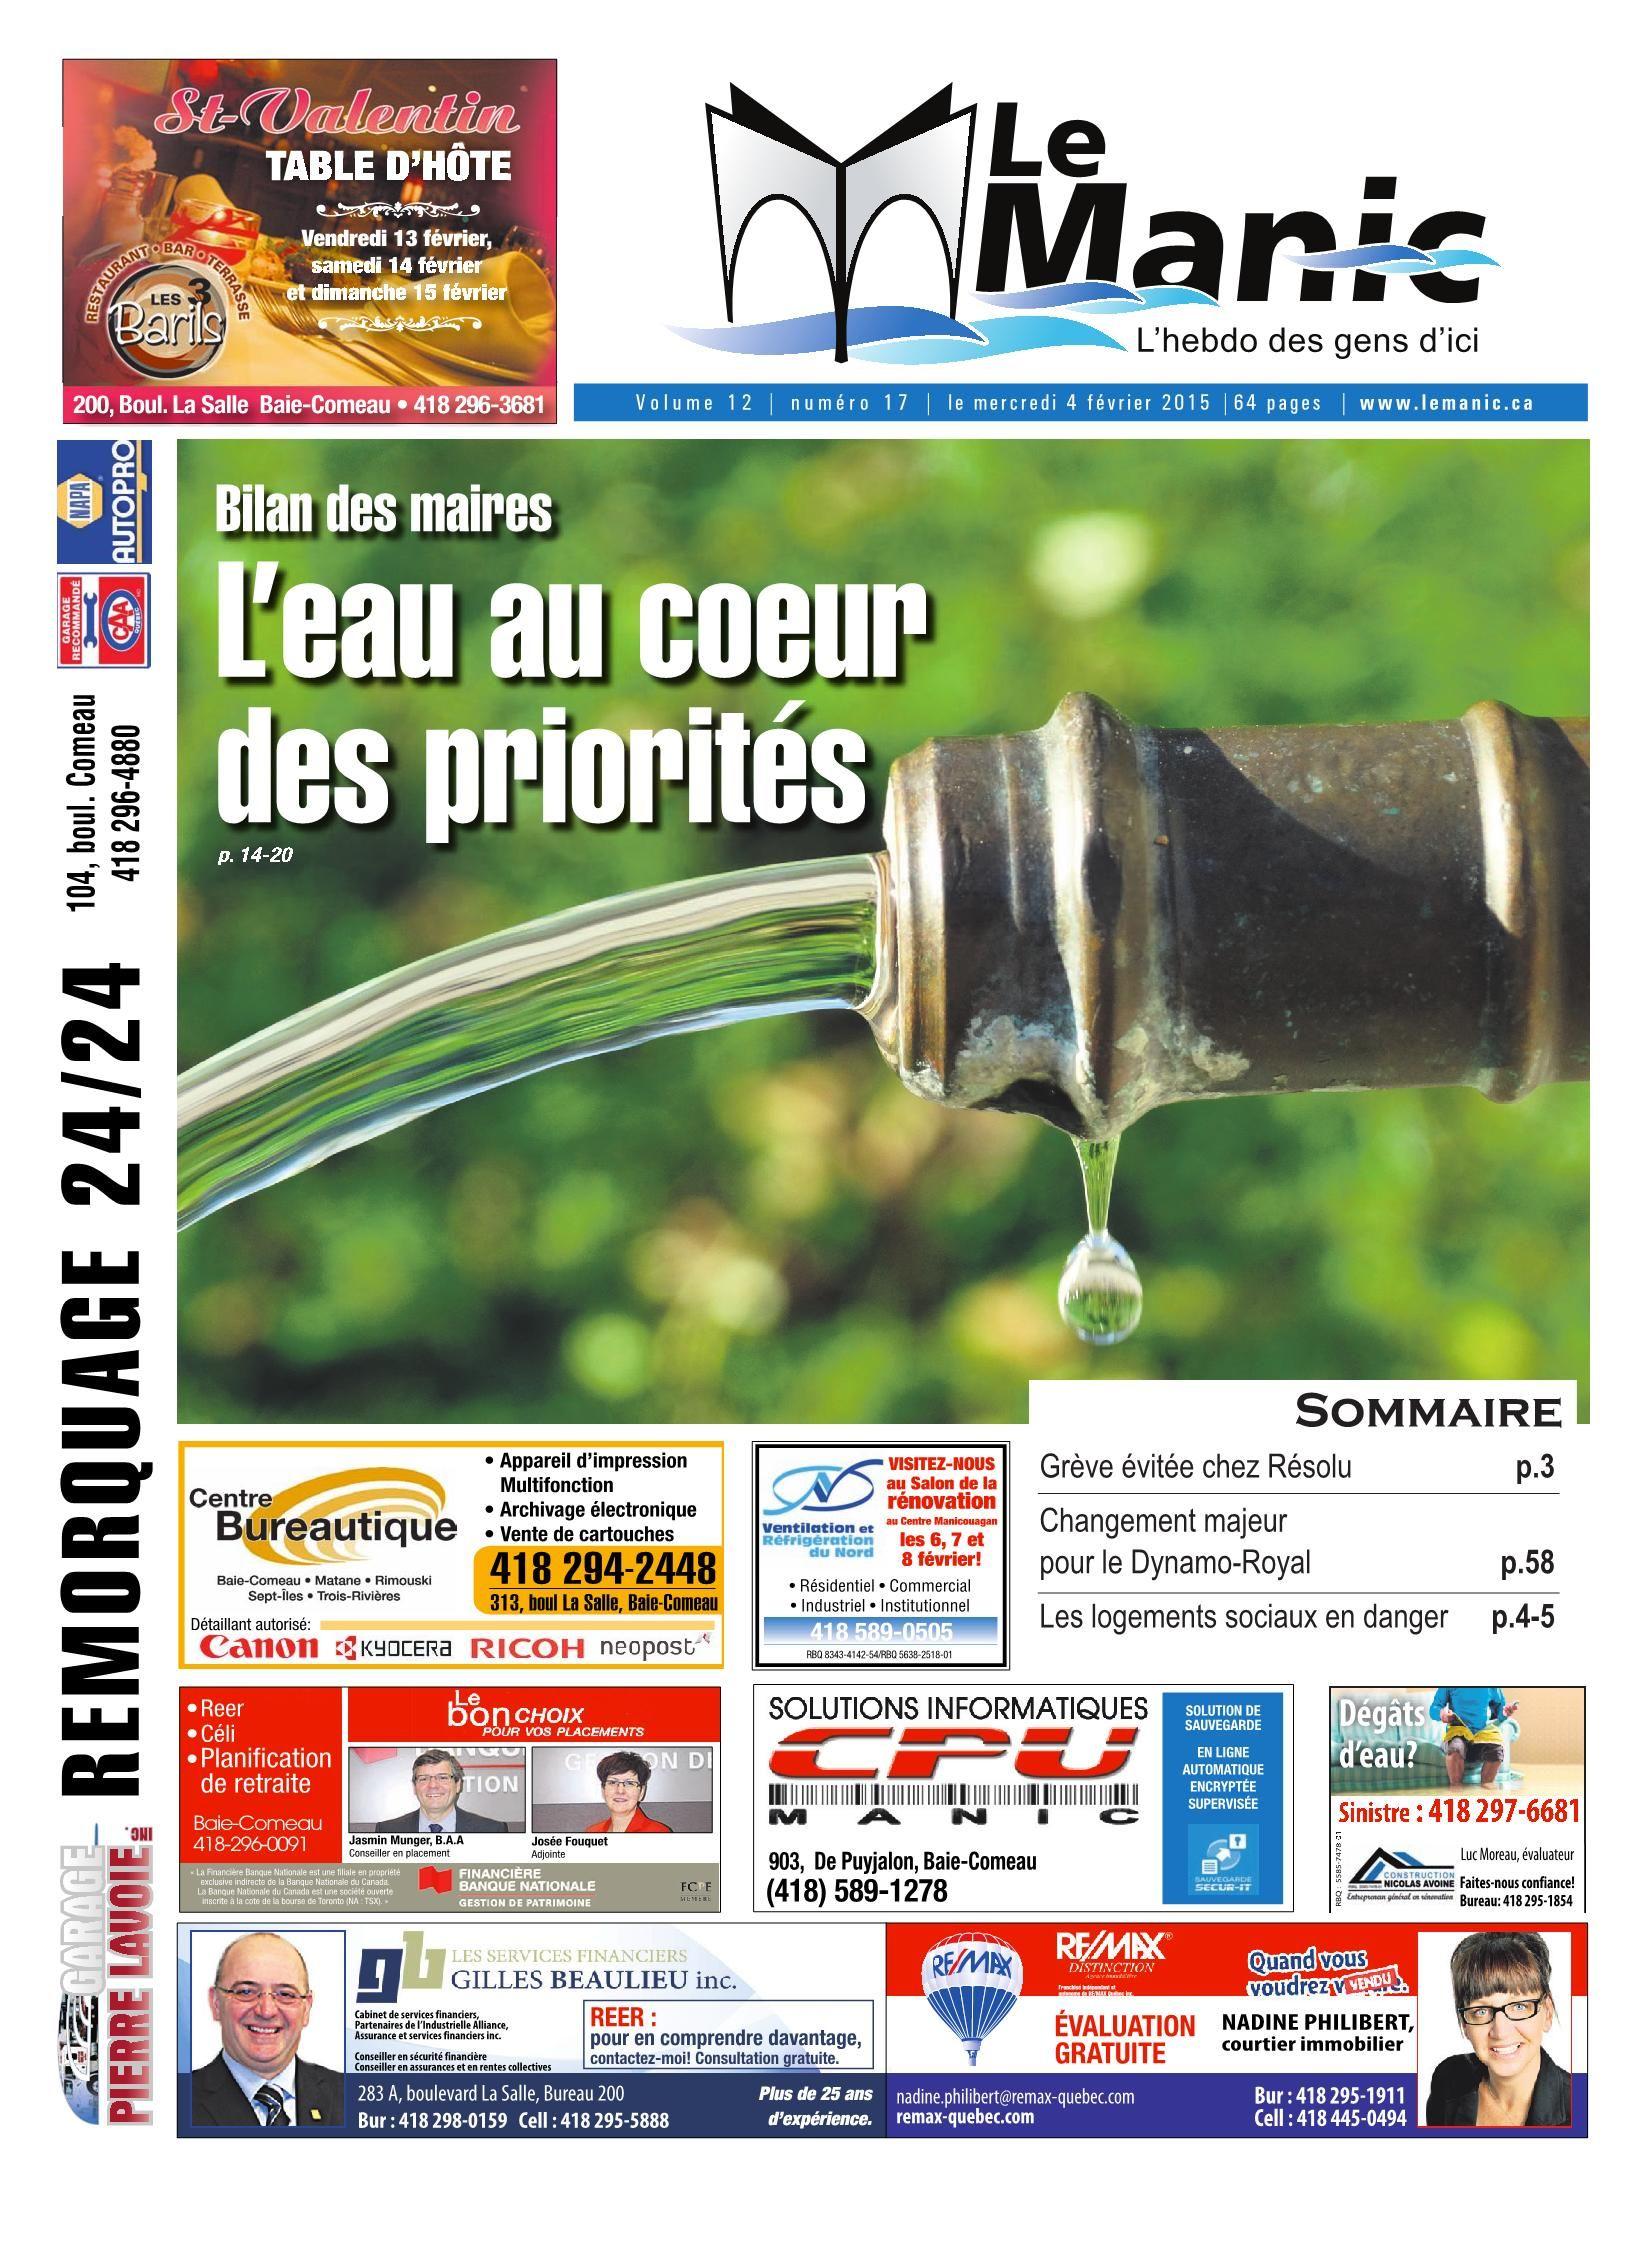 Carte Cadeau Leclerc Charmant Le Manic 04 Février 2015 Pages 1 50 Text Version Of 32 Nouveau Carte Cadeau Leclerc